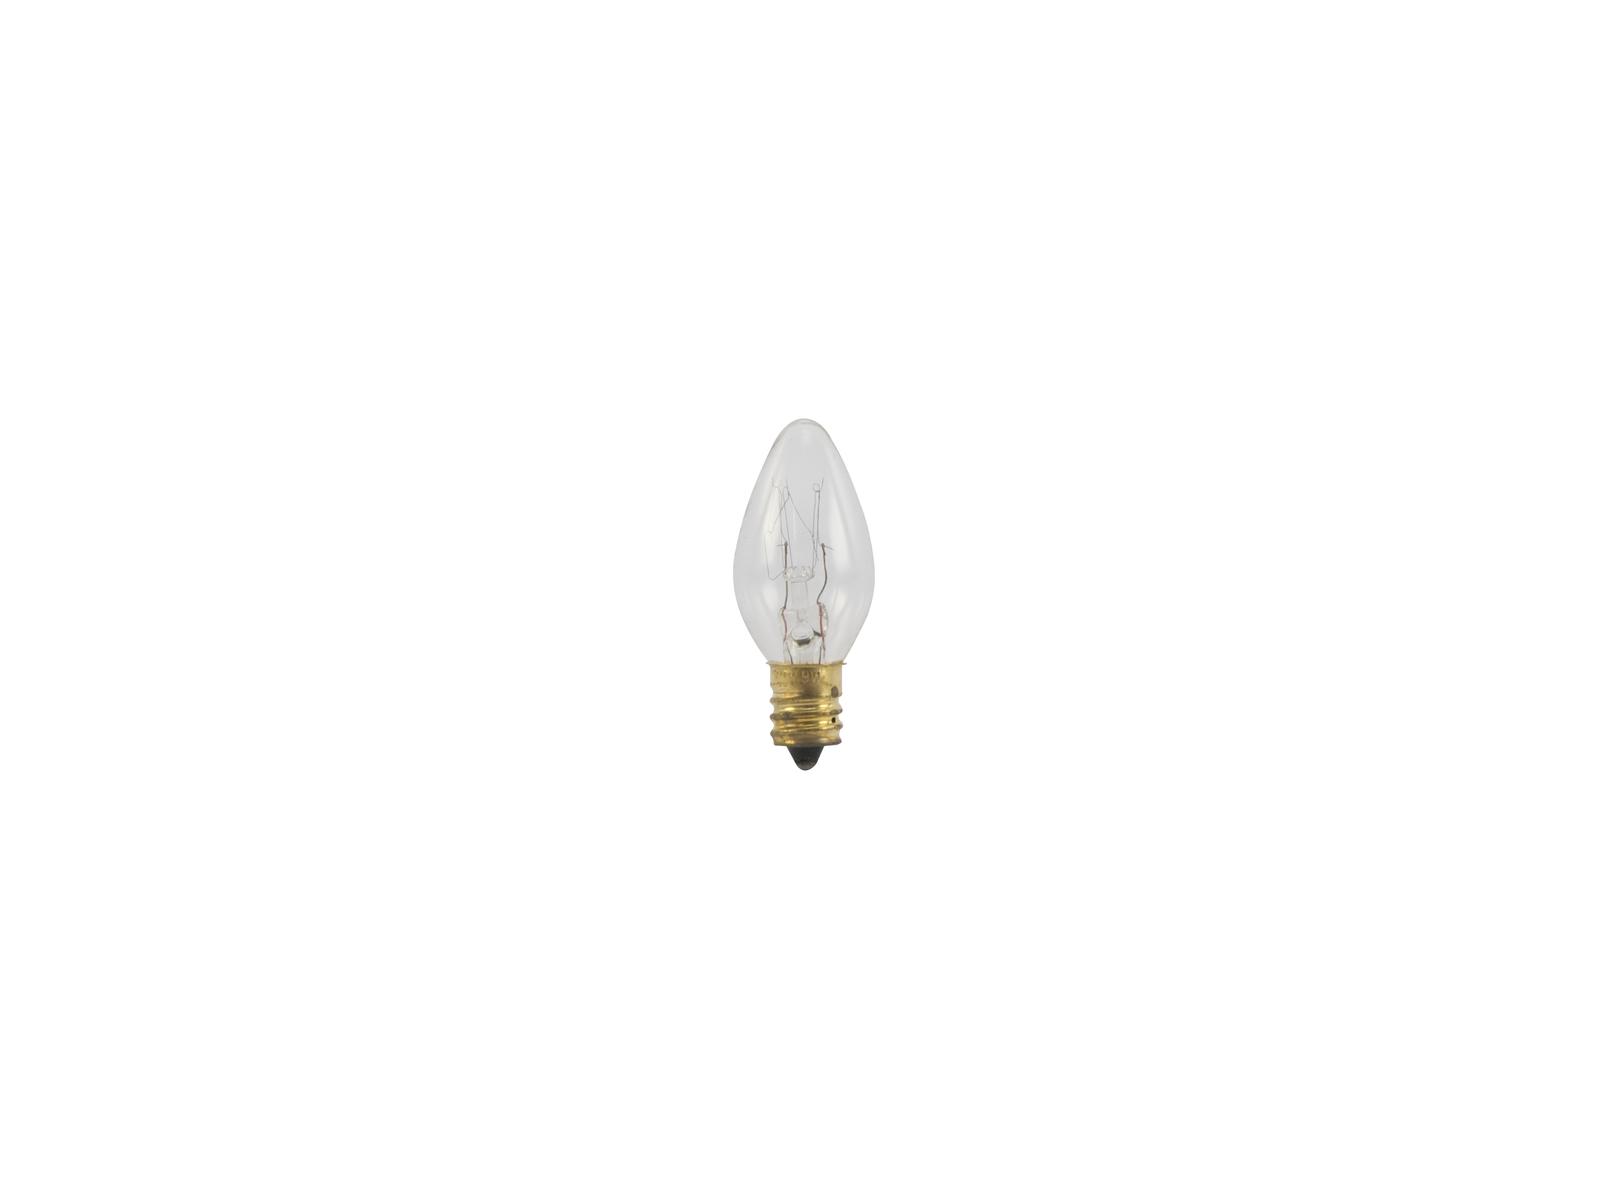 OMNILUX 230V/9W E-12 lampada della candela piccola